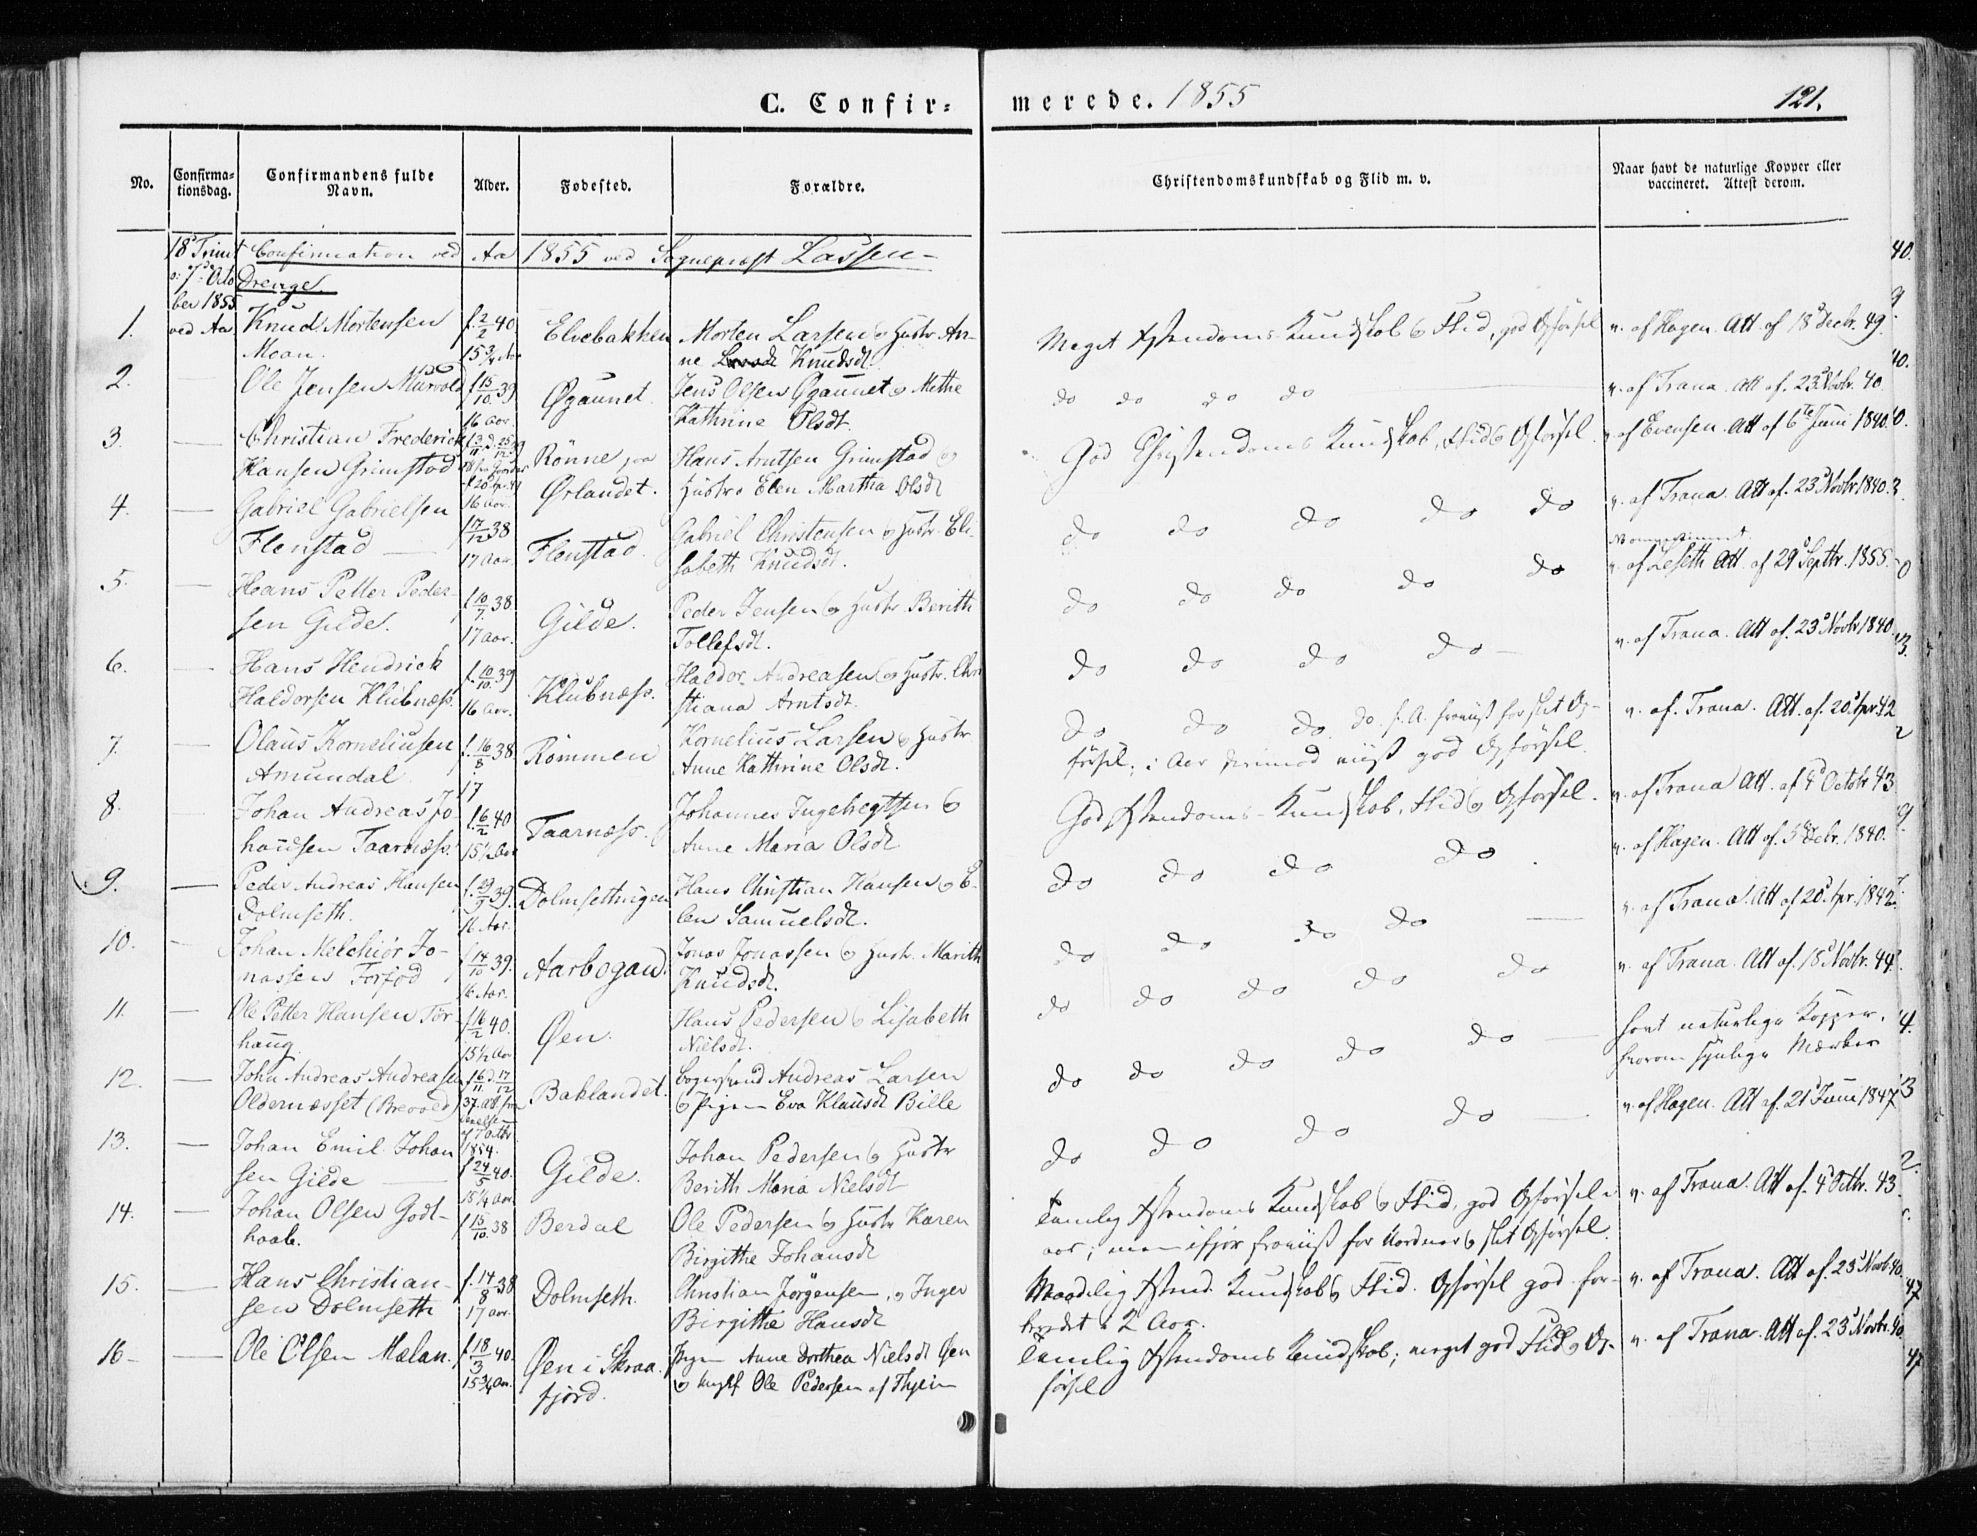 SAT, Ministerialprotokoller, klokkerbøker og fødselsregistre - Sør-Trøndelag, 655/L0677: Ministerialbok nr. 655A06, 1847-1860, s. 121